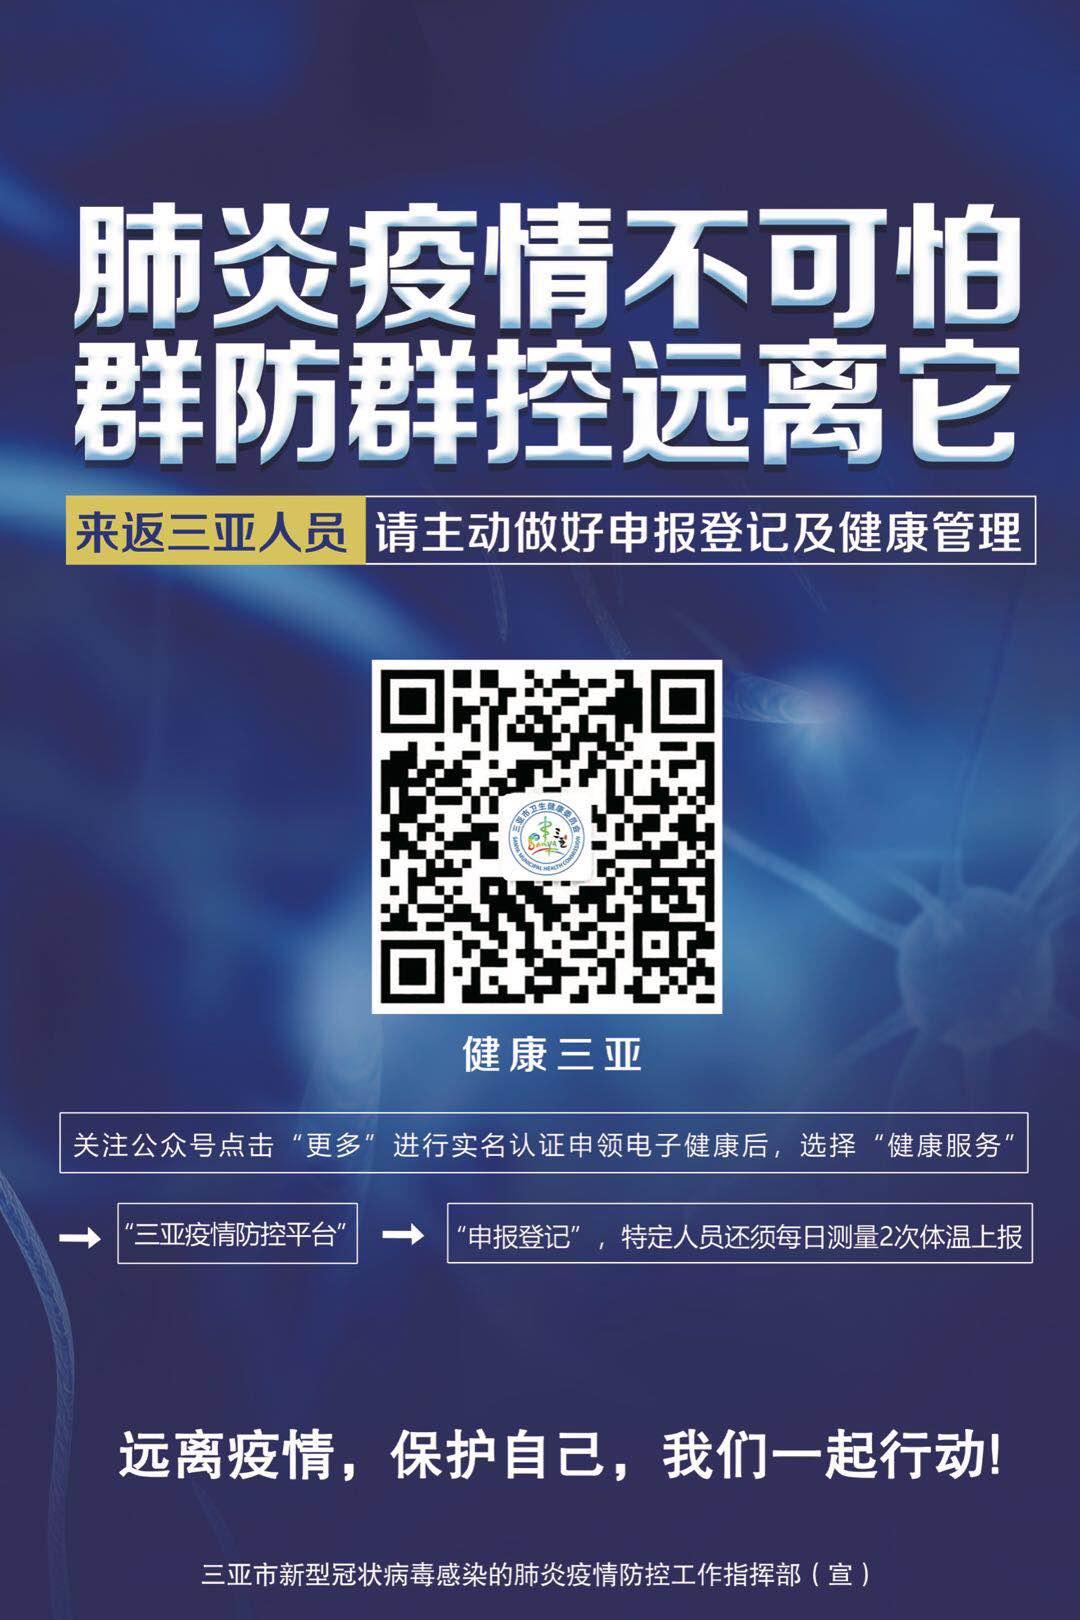 微信图片_20200223103532.jpg